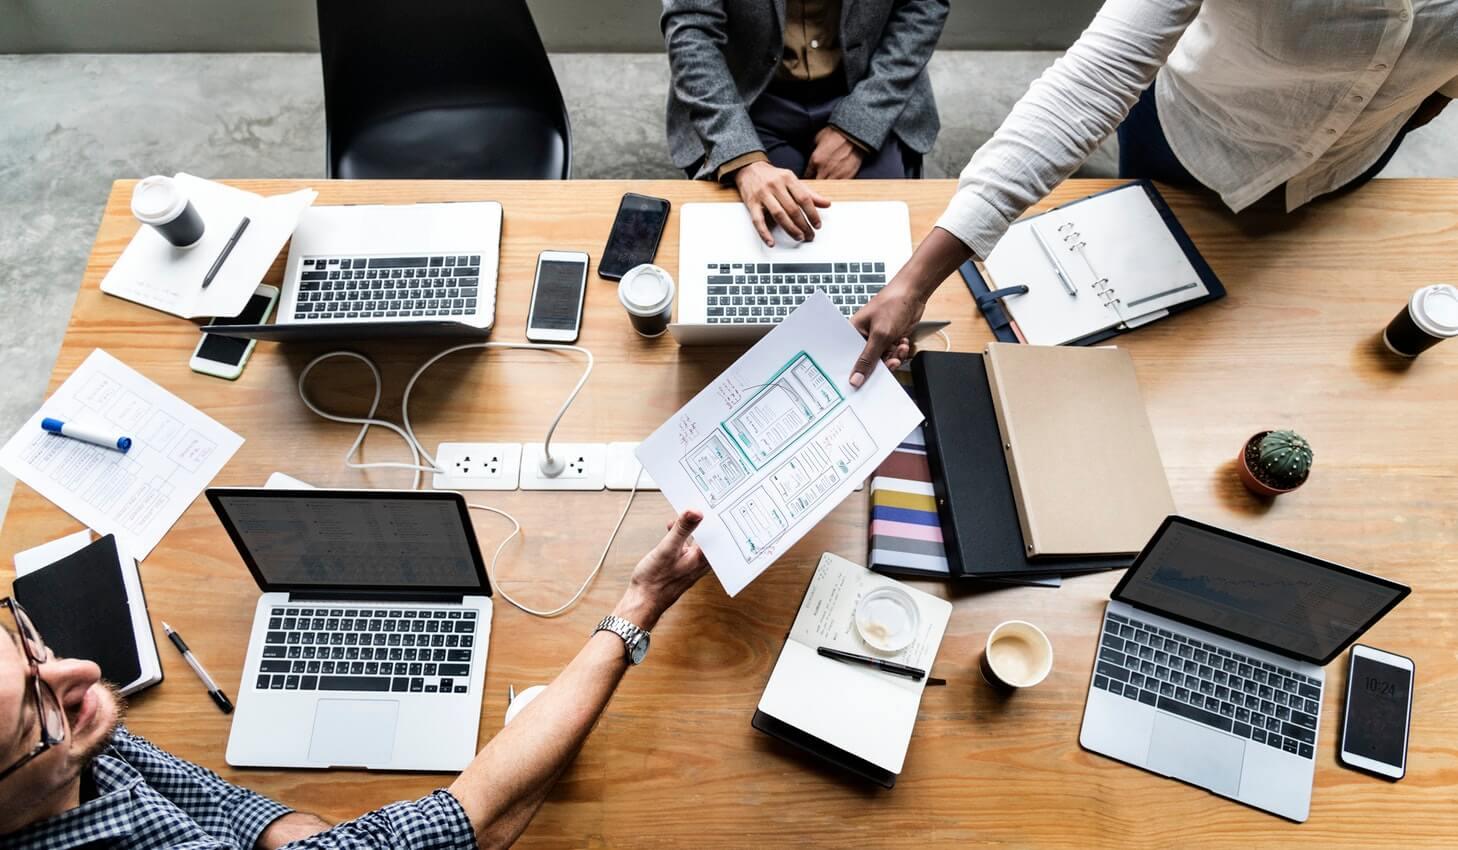 Gestão Estratégica de Negócios, 5 motivos para fazer um MBA em Gestão Estratégica de Negócios na UCPel